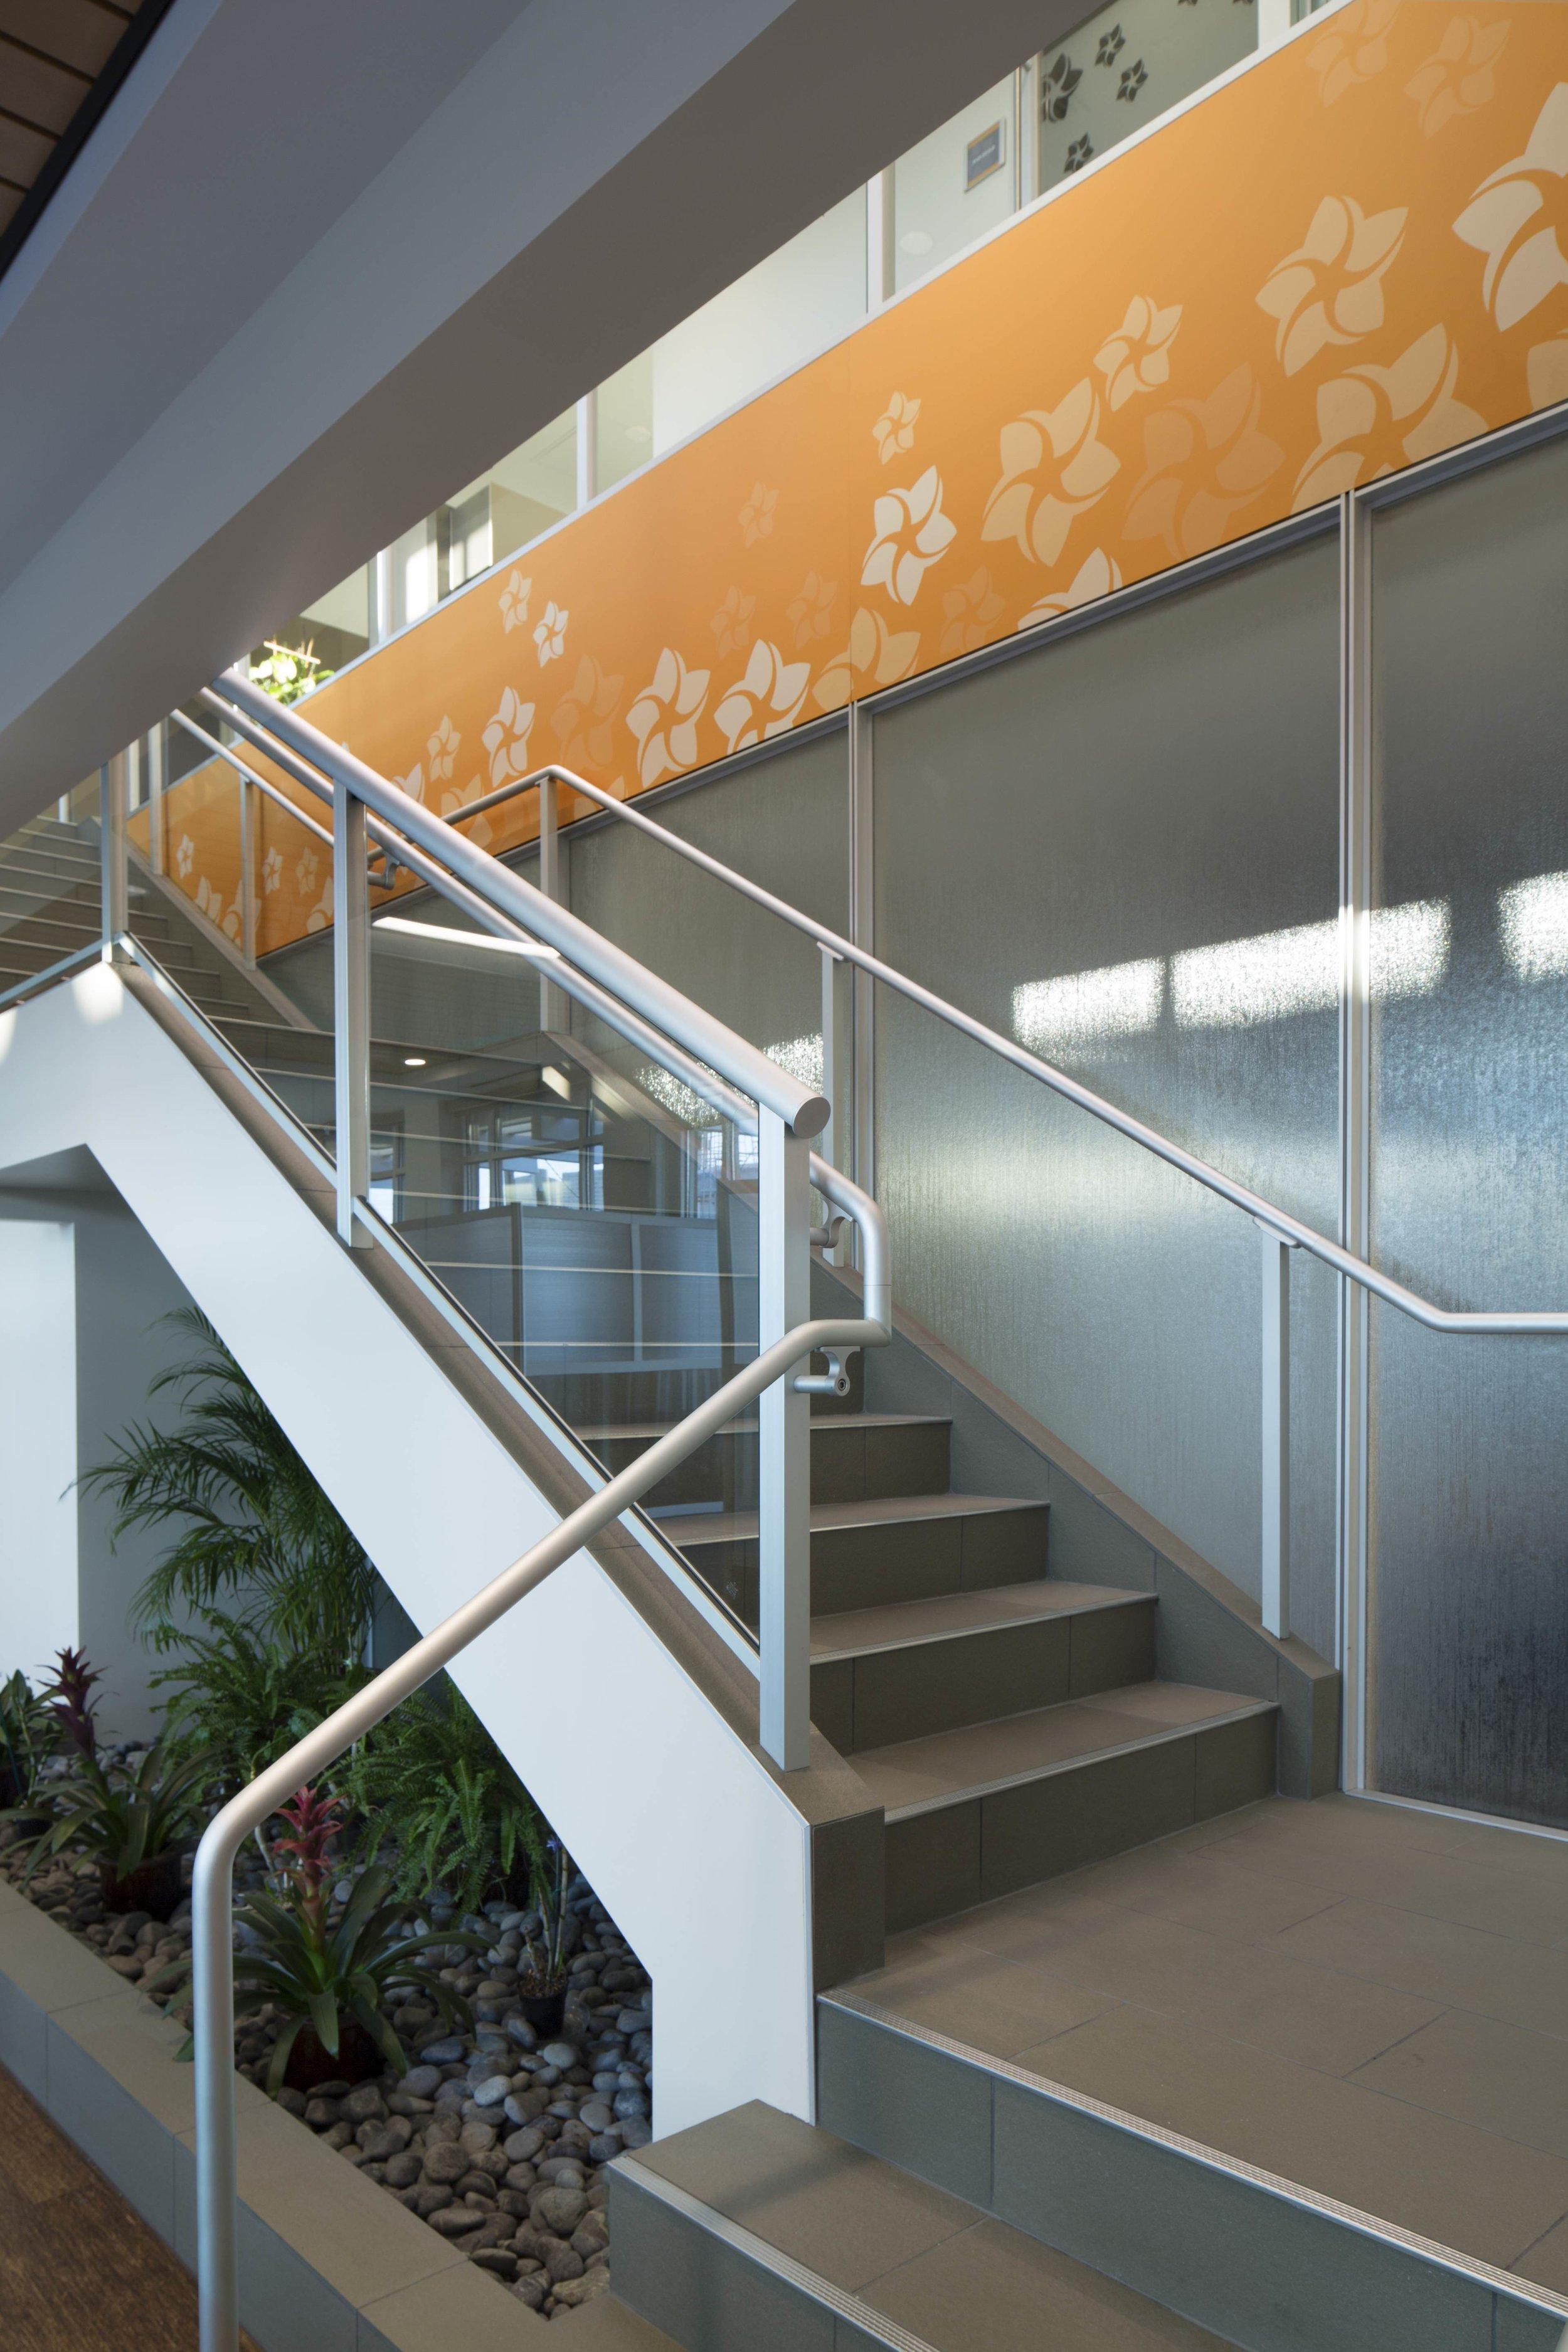 HOCU-7615_Stairs-from1stFloor-potrait.jpg